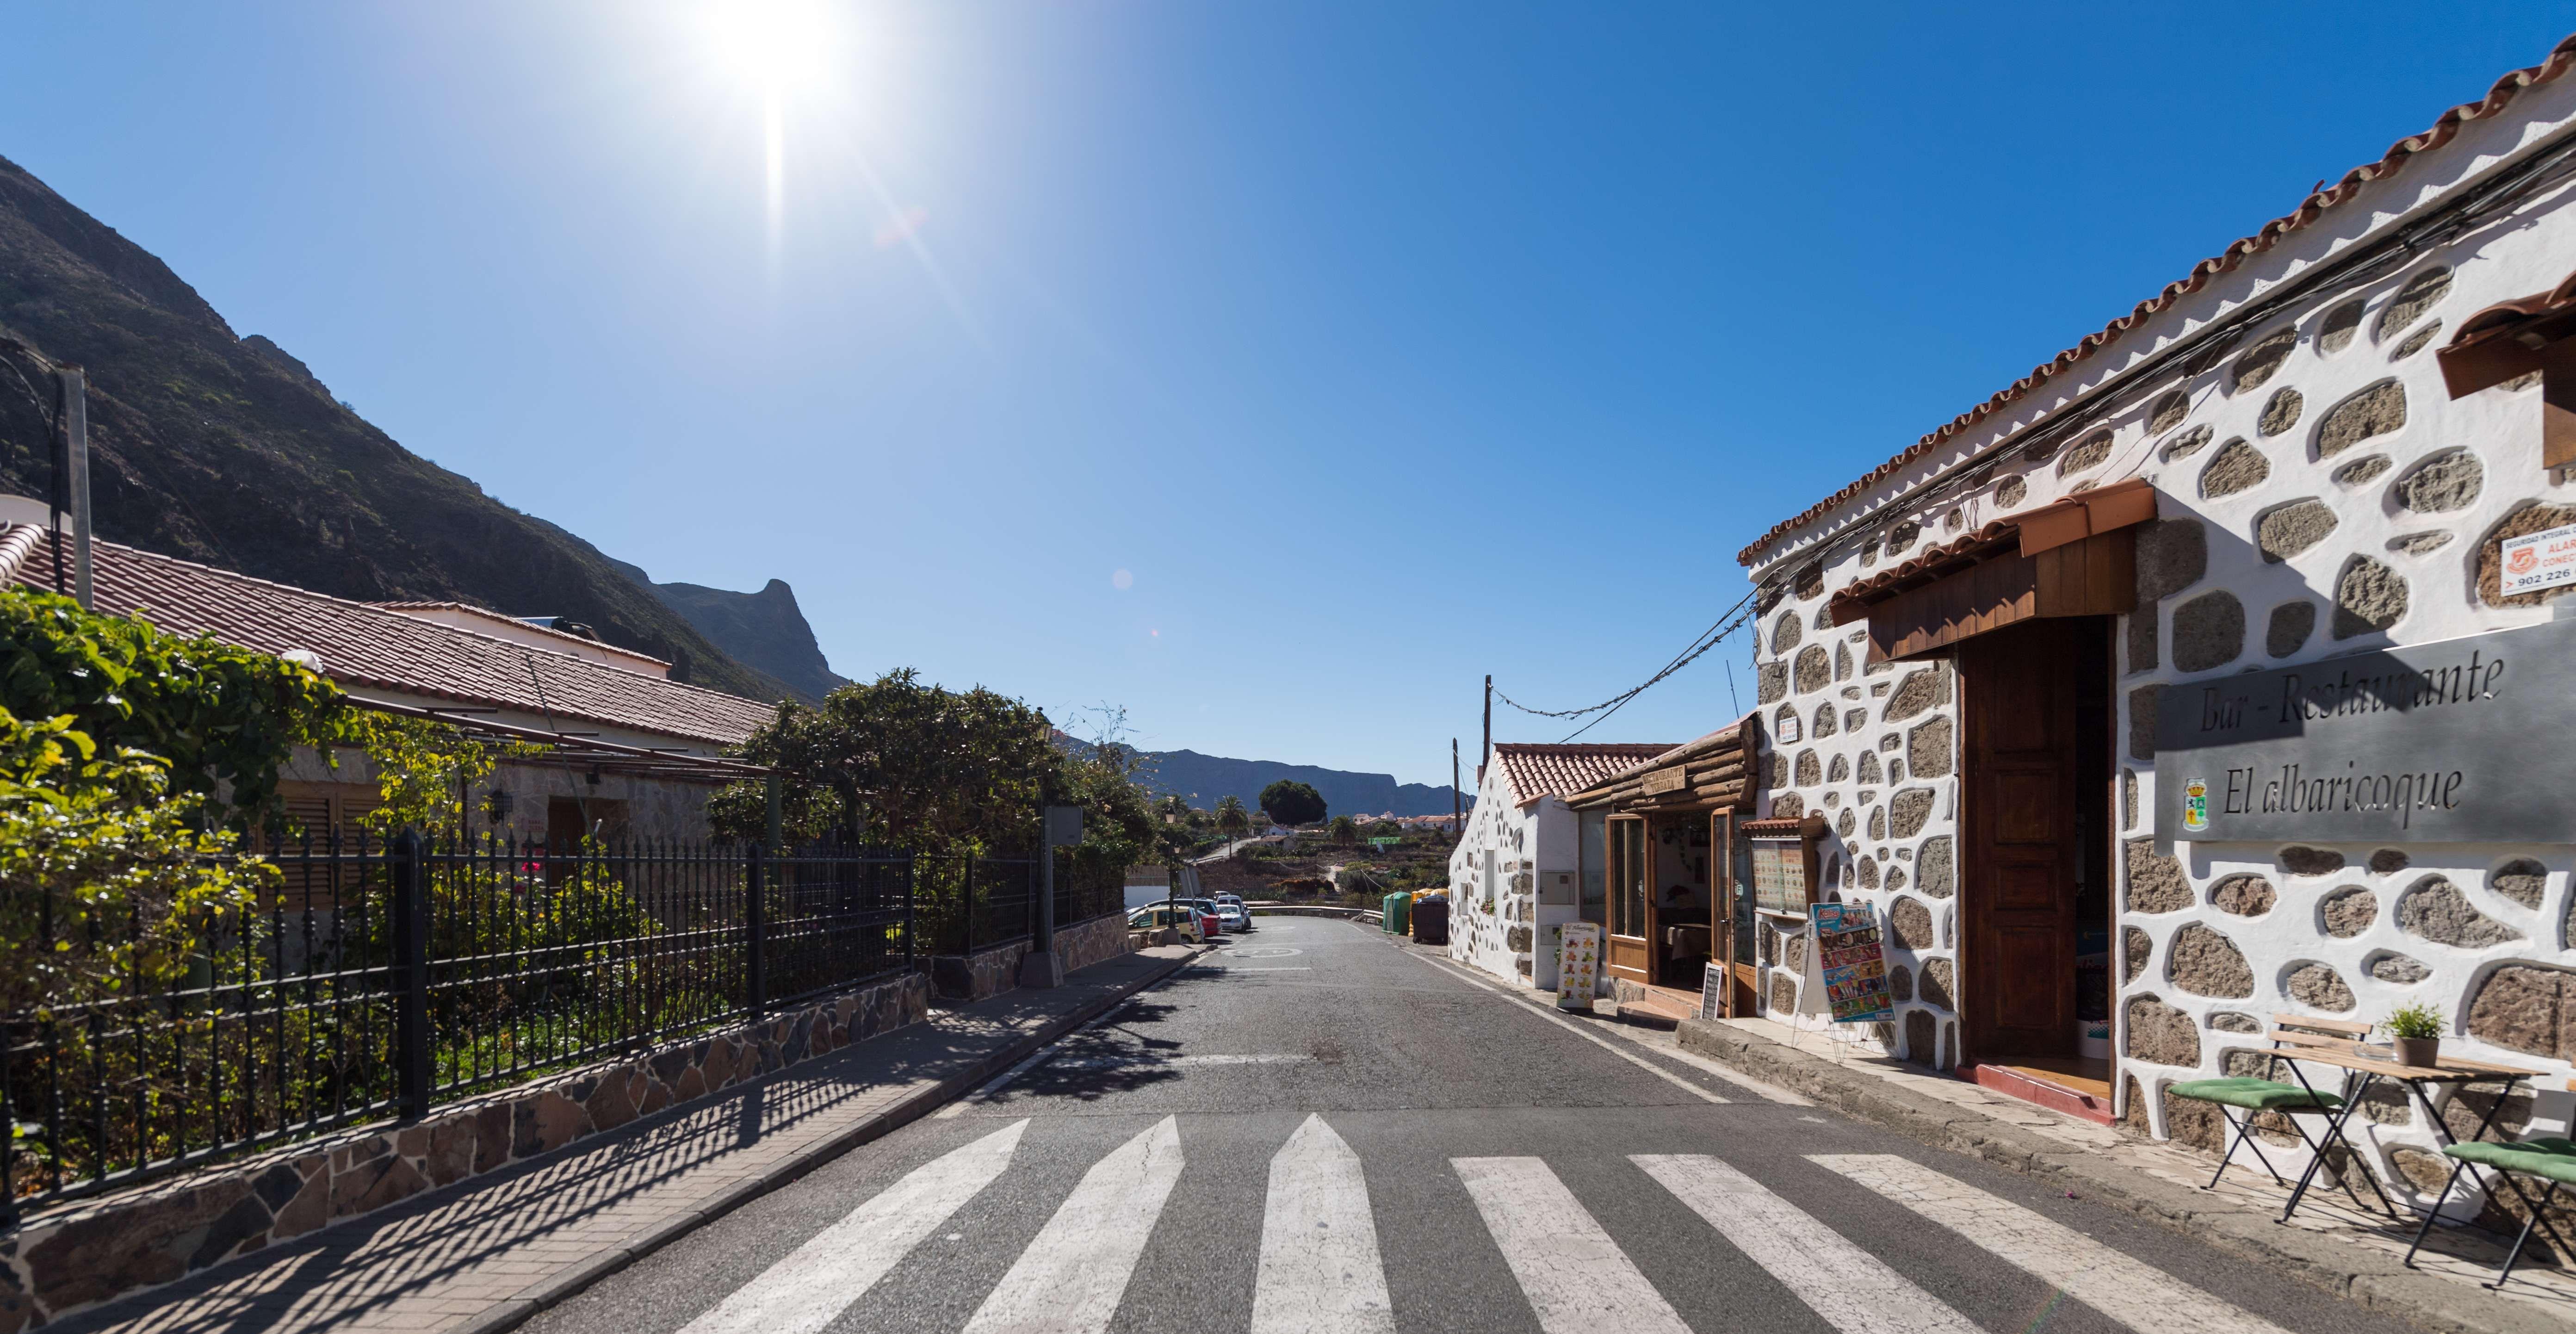 Casa Elisa, situada en el centro del pueblo de Fataga, pequeña aldea del municipio de San Bartolomé de Tirajana